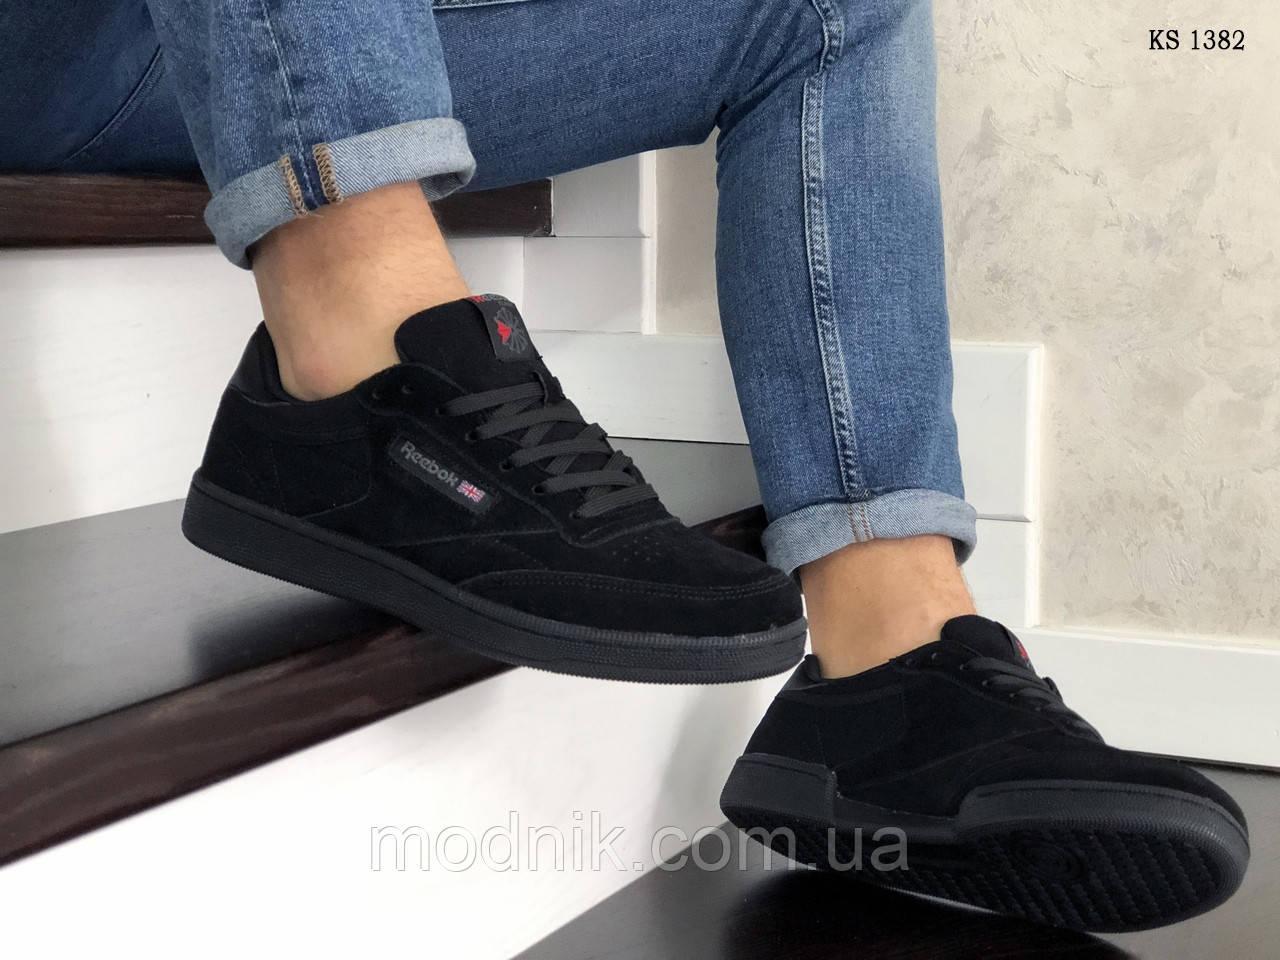 Мужские замшевые кроссовки Reebok (черные) KS 1382